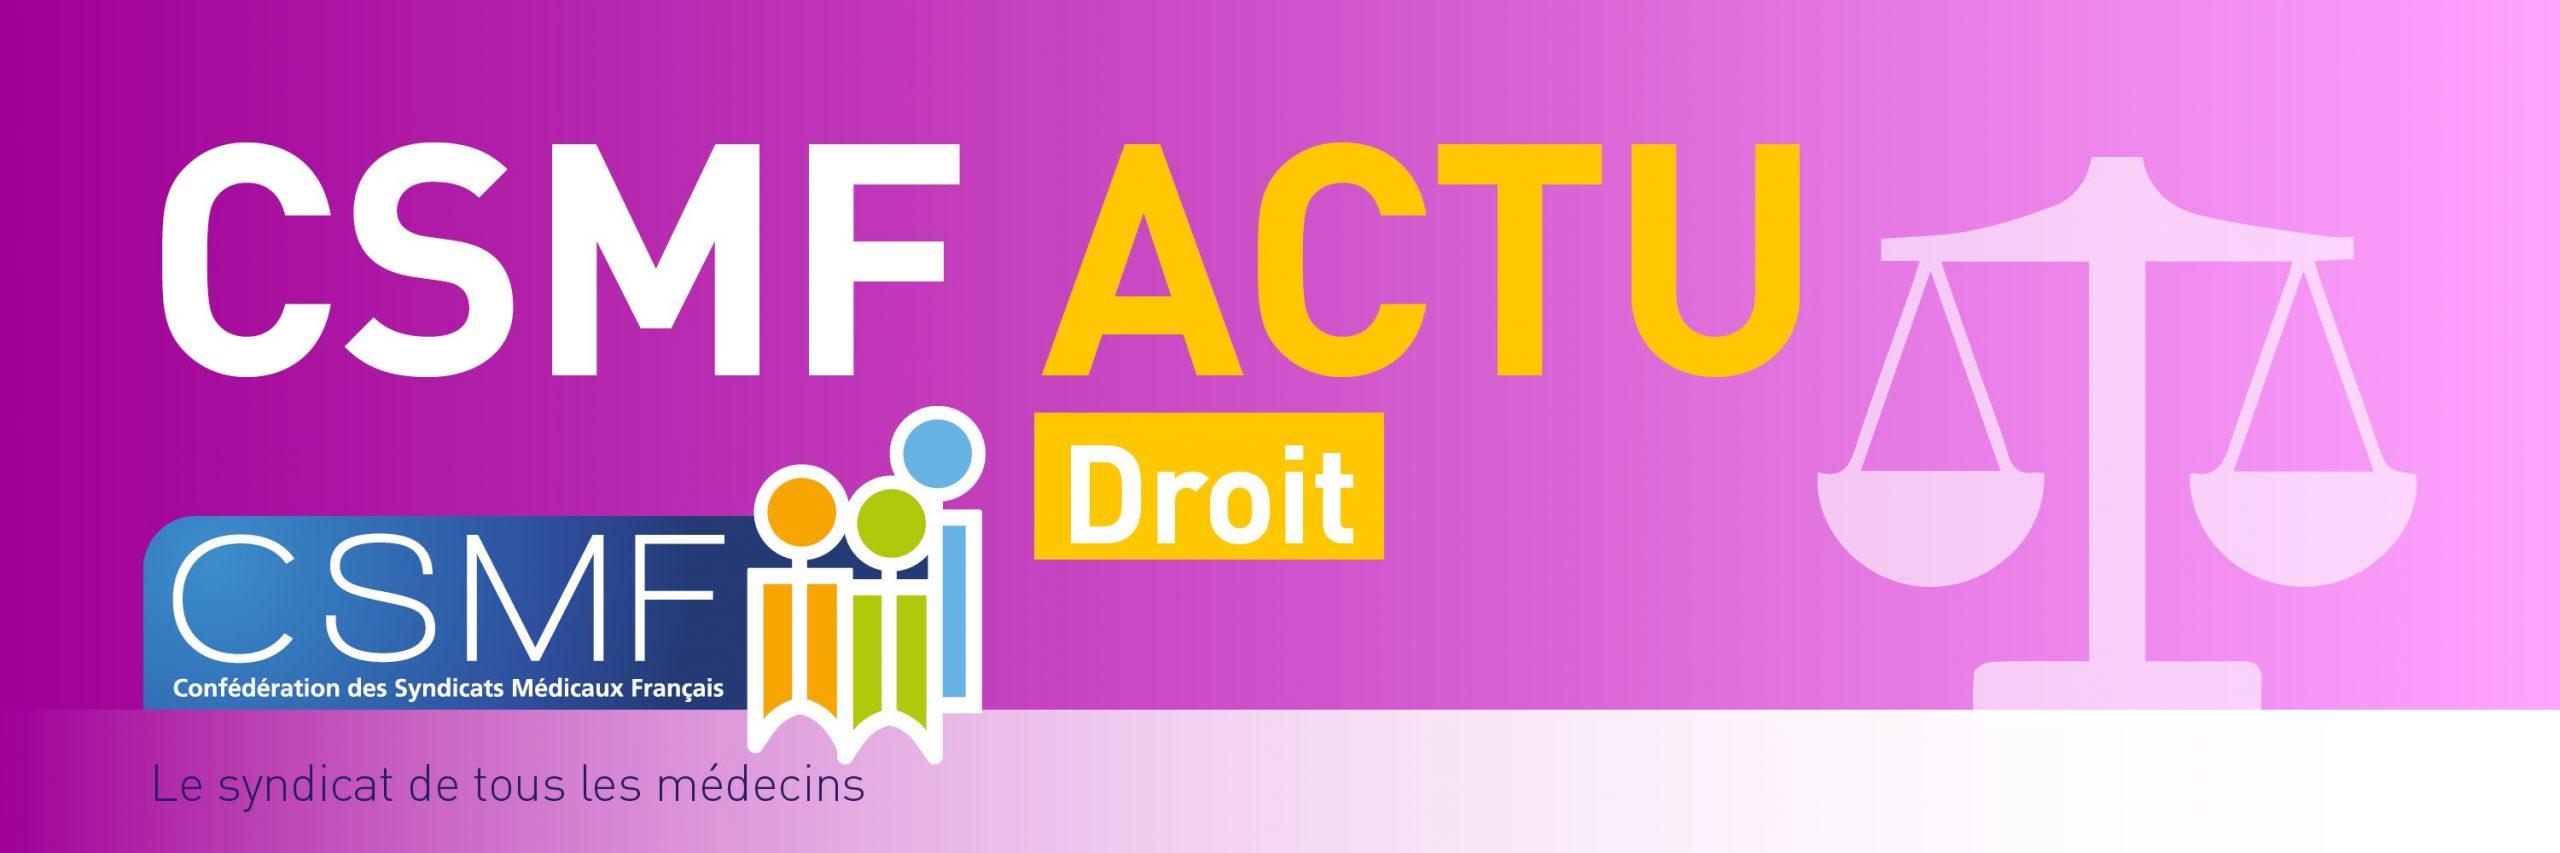 Bandeau CSMF ACTU DROIT Site